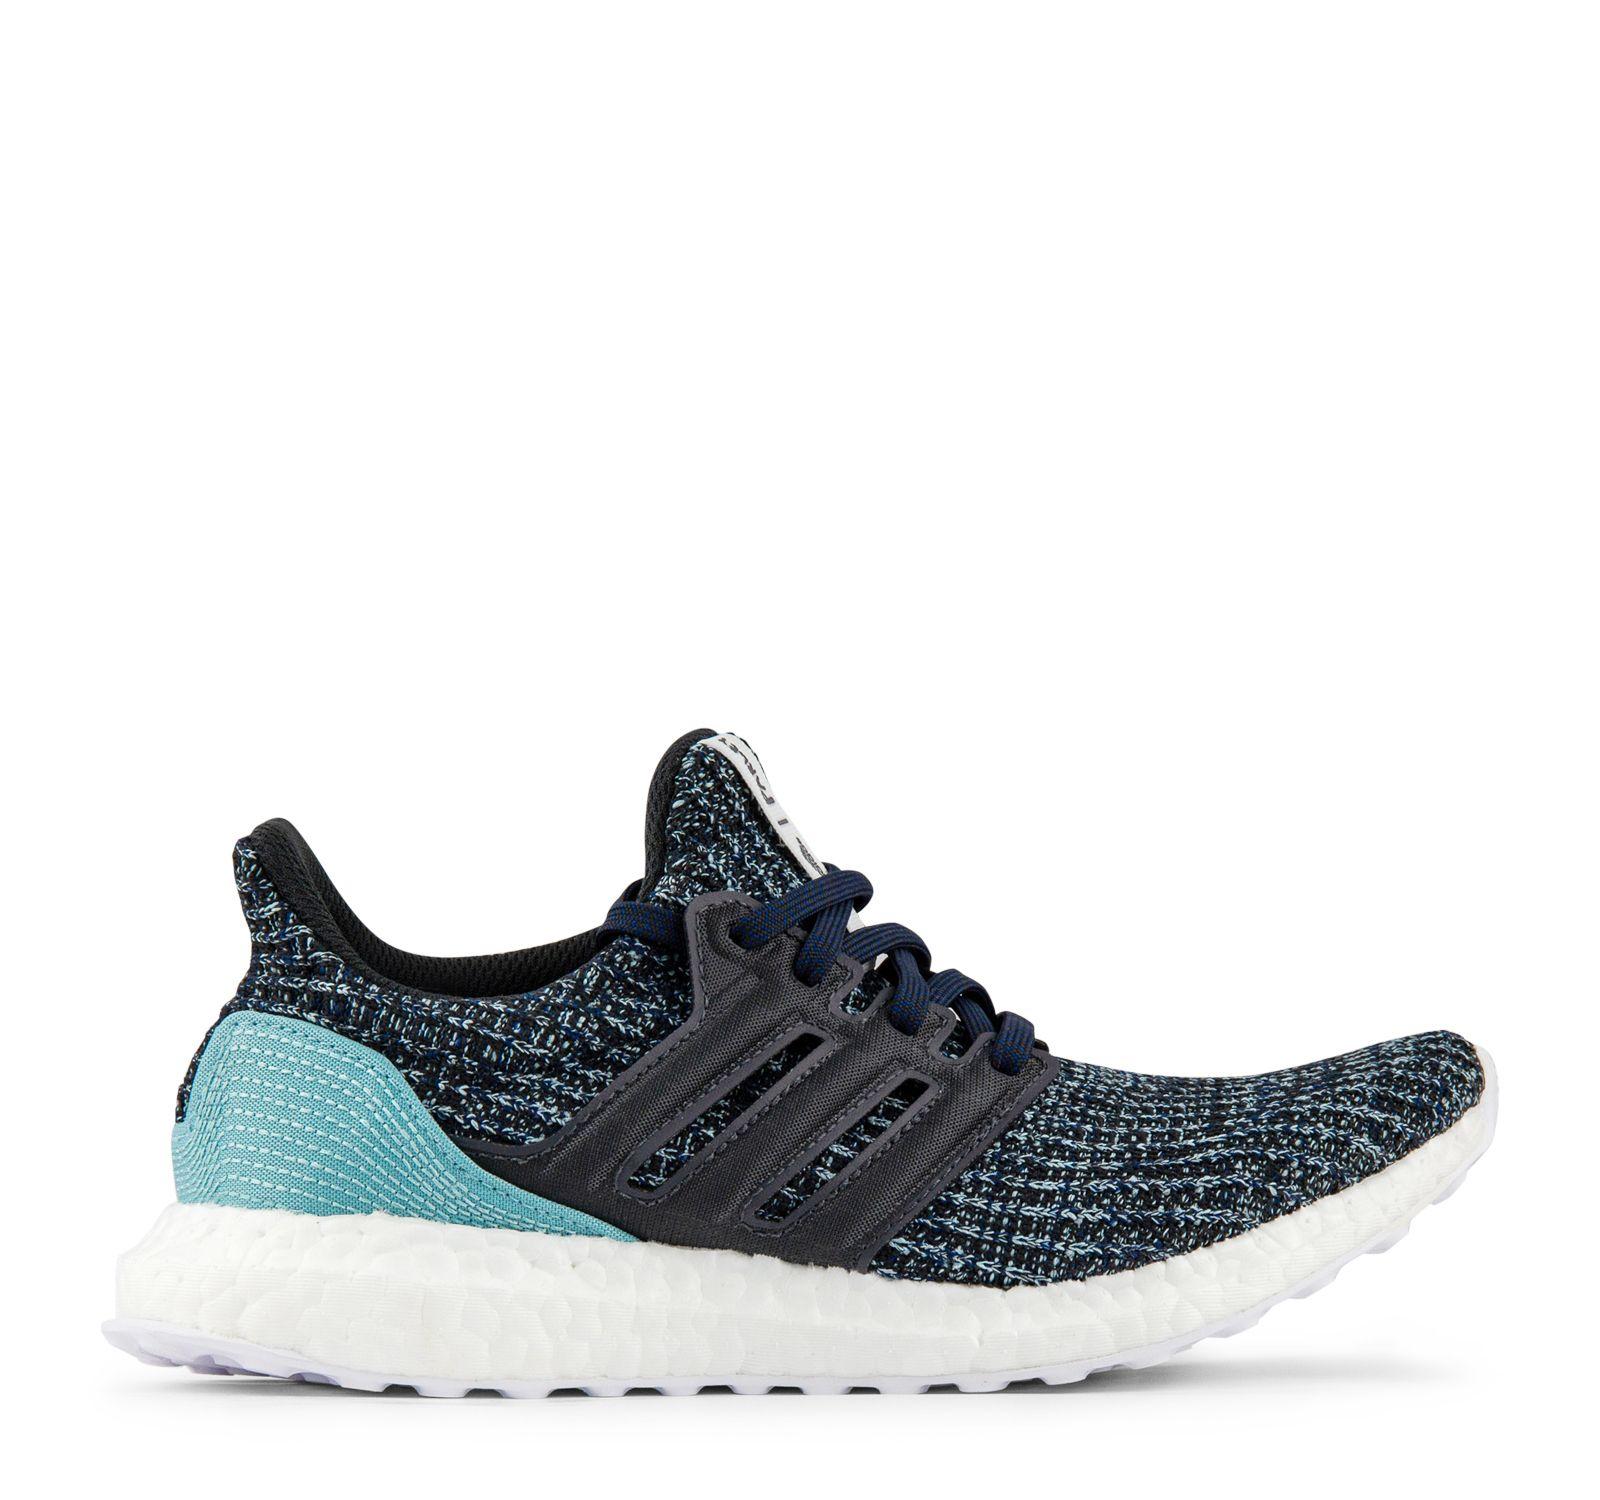 adidas correndo ultraboost parley cg3673 carbonio / blu.